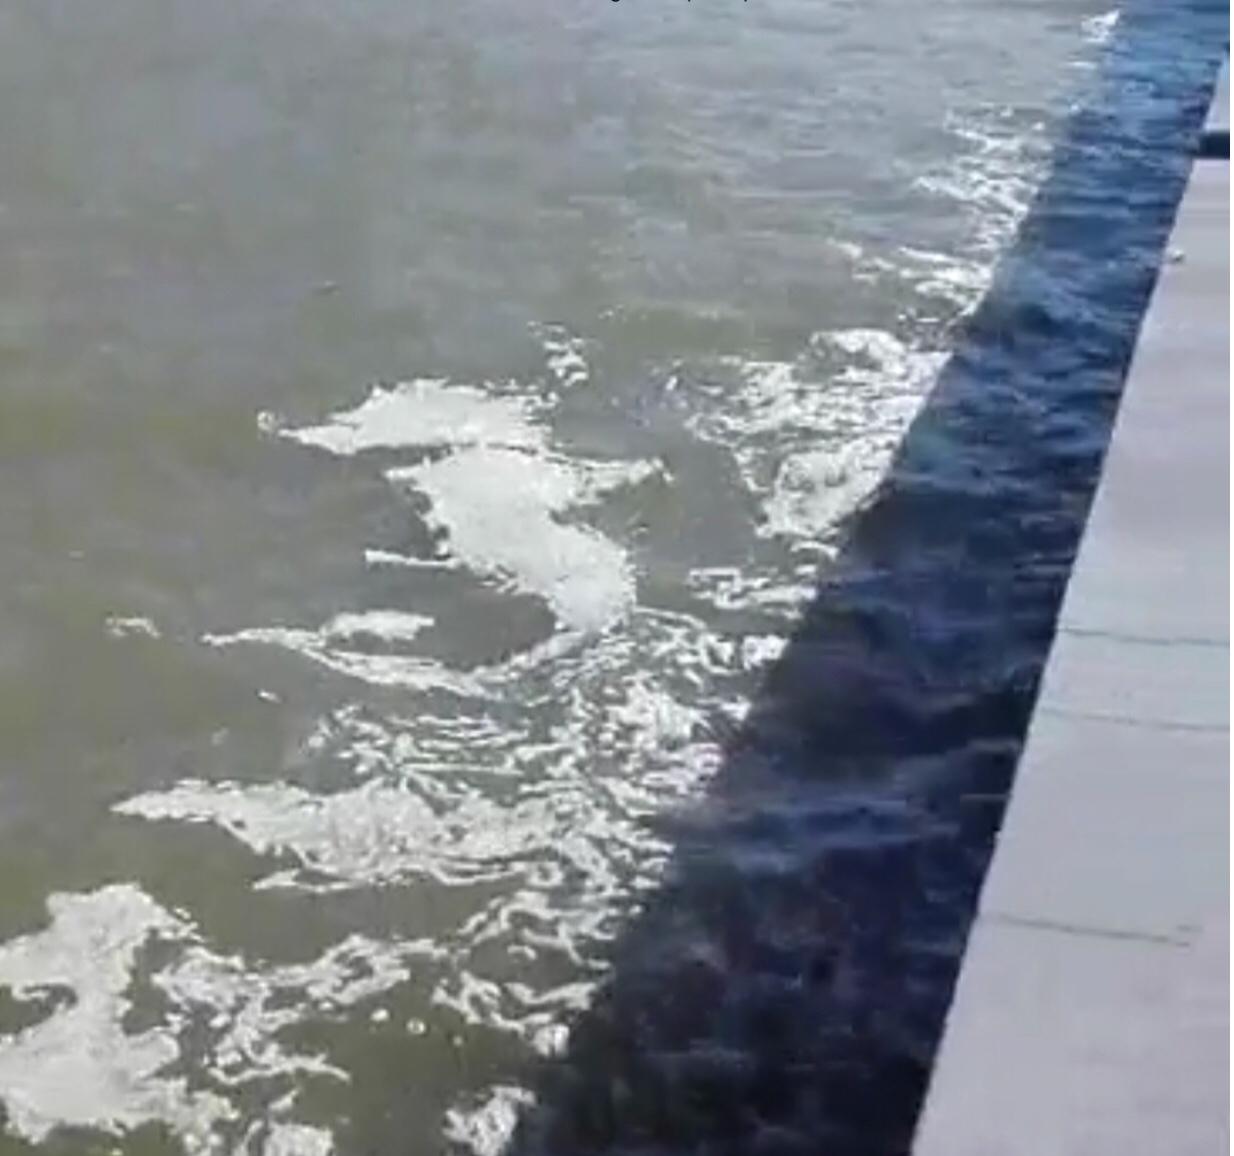 TORREGAVETA/ Chiazze marroni e puzza di fogna, così è il mare oggi